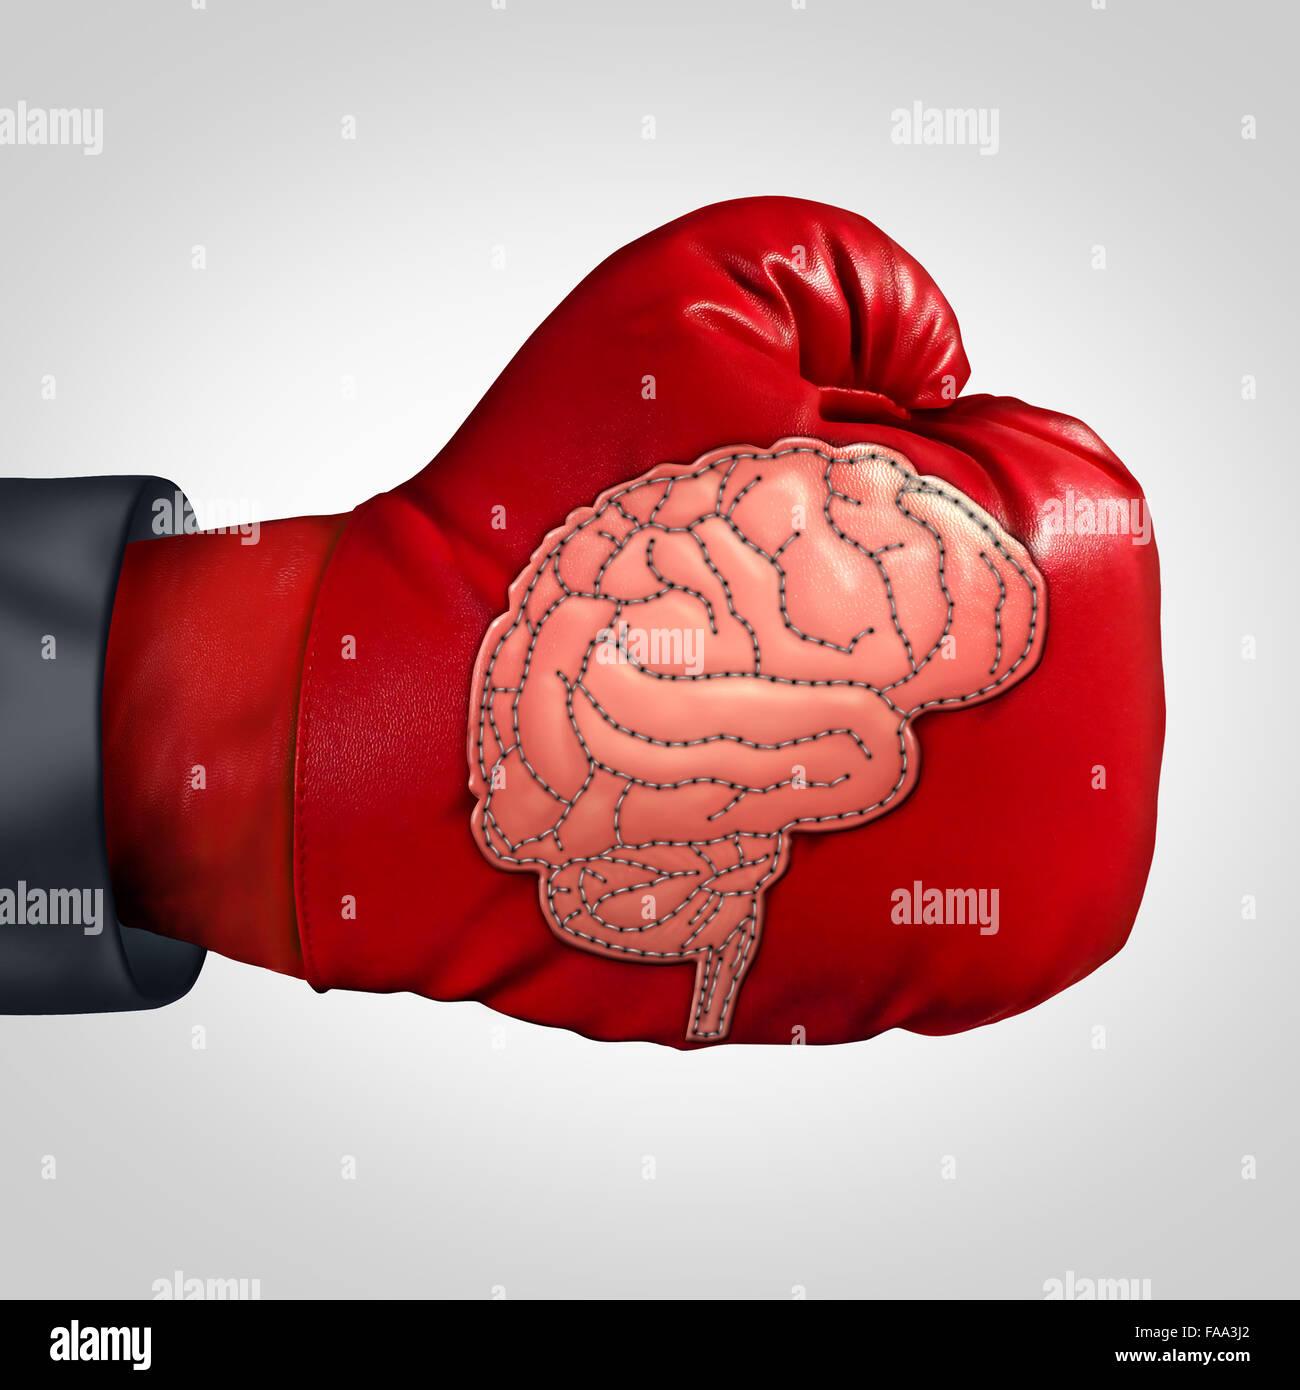 Forte attività del cervello e la formazione della mente per eseguire in intelligenza e memoria come un guanto Immagini Stock